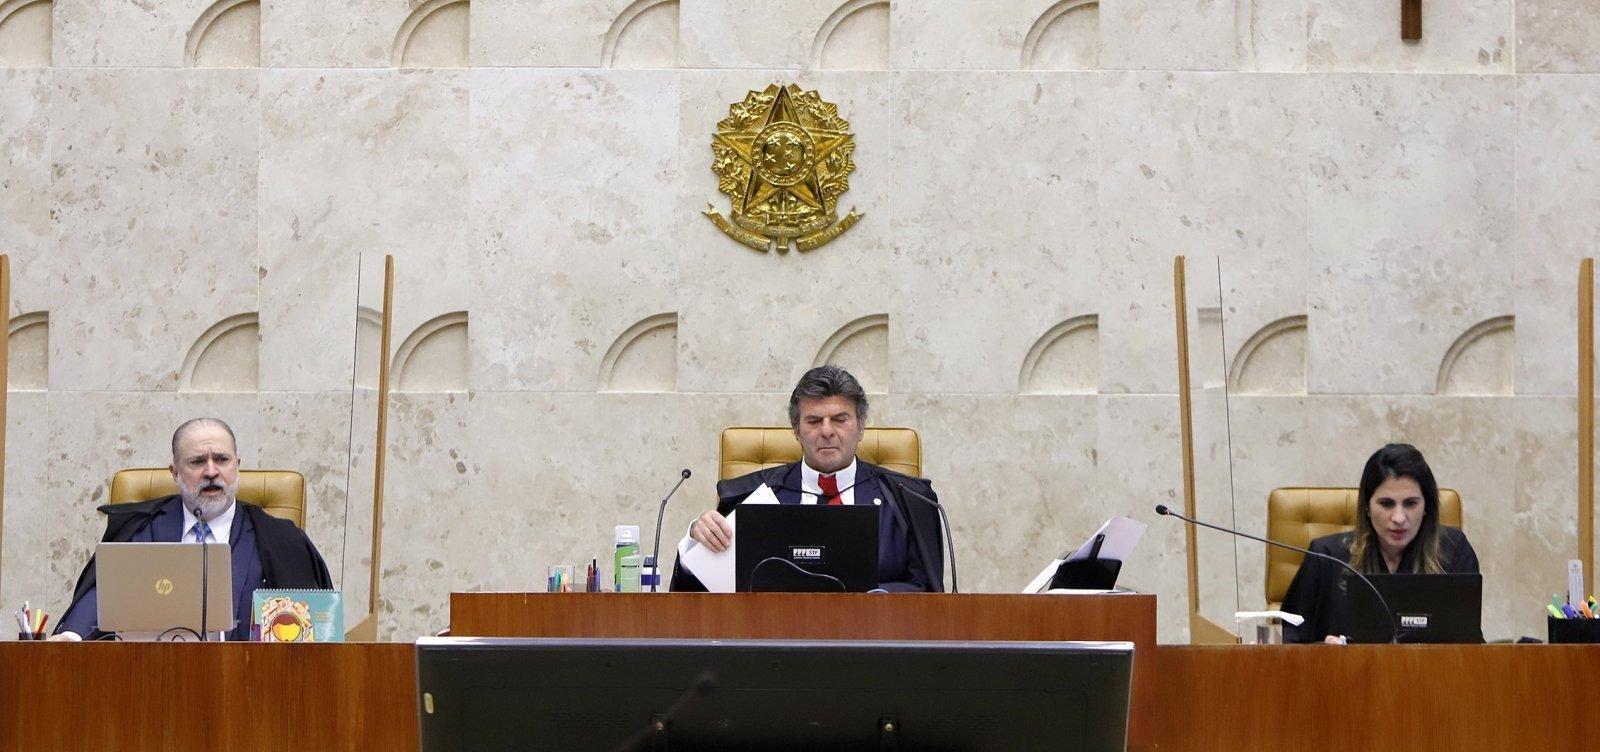 [Ministros do STF criticam decisão de Kassio Nunes que liberou cultos religiosos]